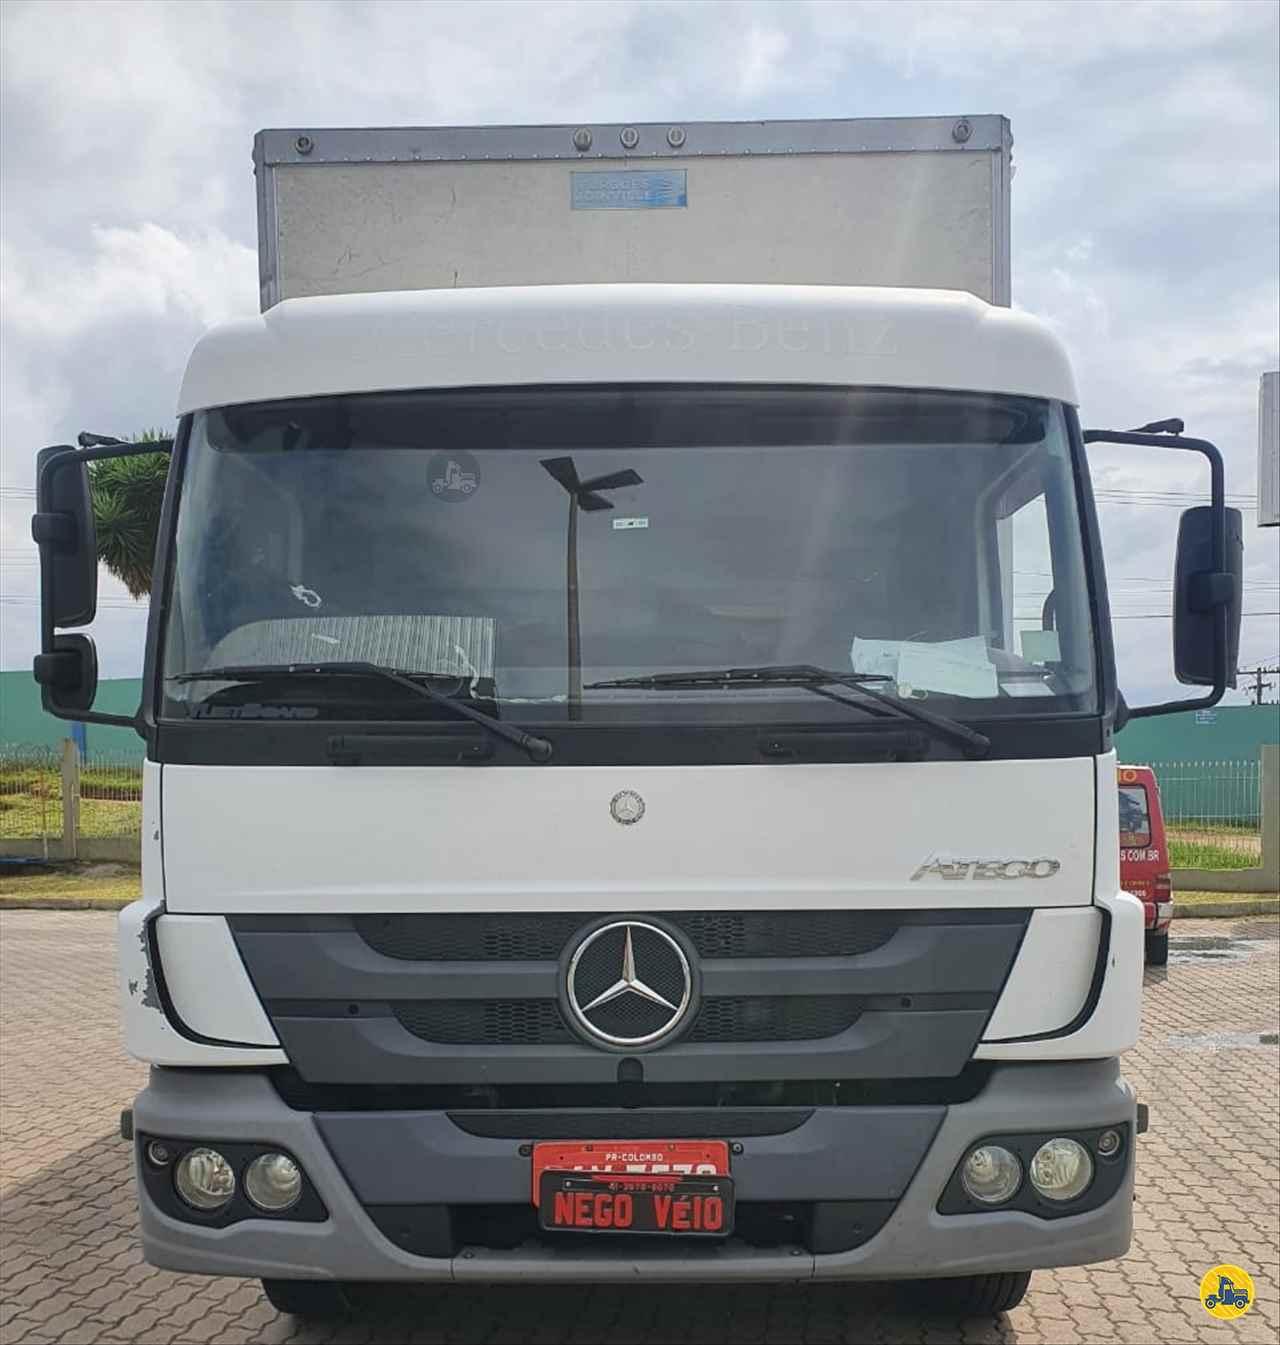 MERCEDES-BENZ MB 2430 265000km 2015/2016 Nego Véio Caminhões e Ônibus